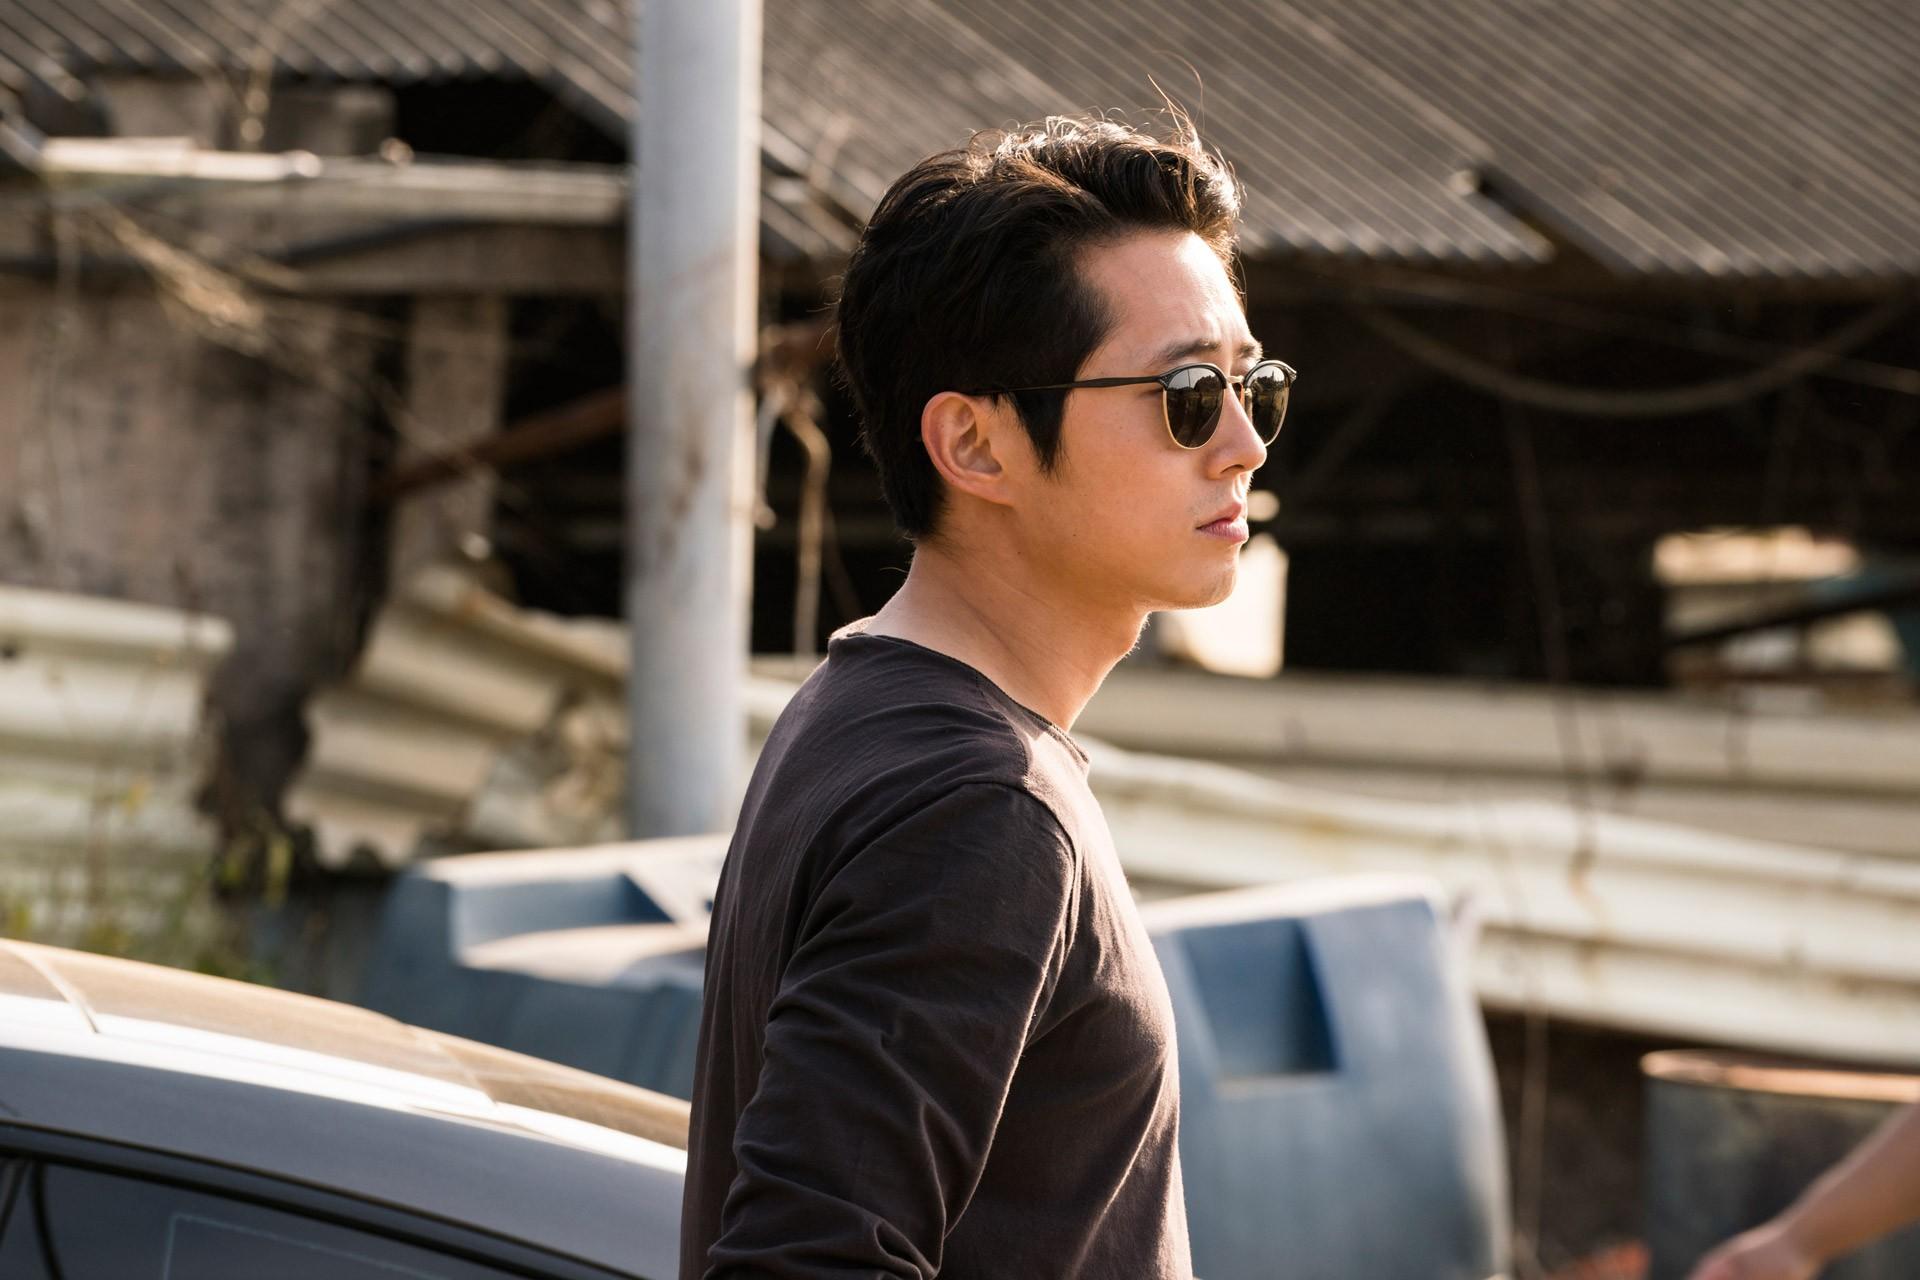 5 phim Hàn nổi bật ra rạp tháng Năm: Mang chuông đi đánh xứ người - Ảnh 13.